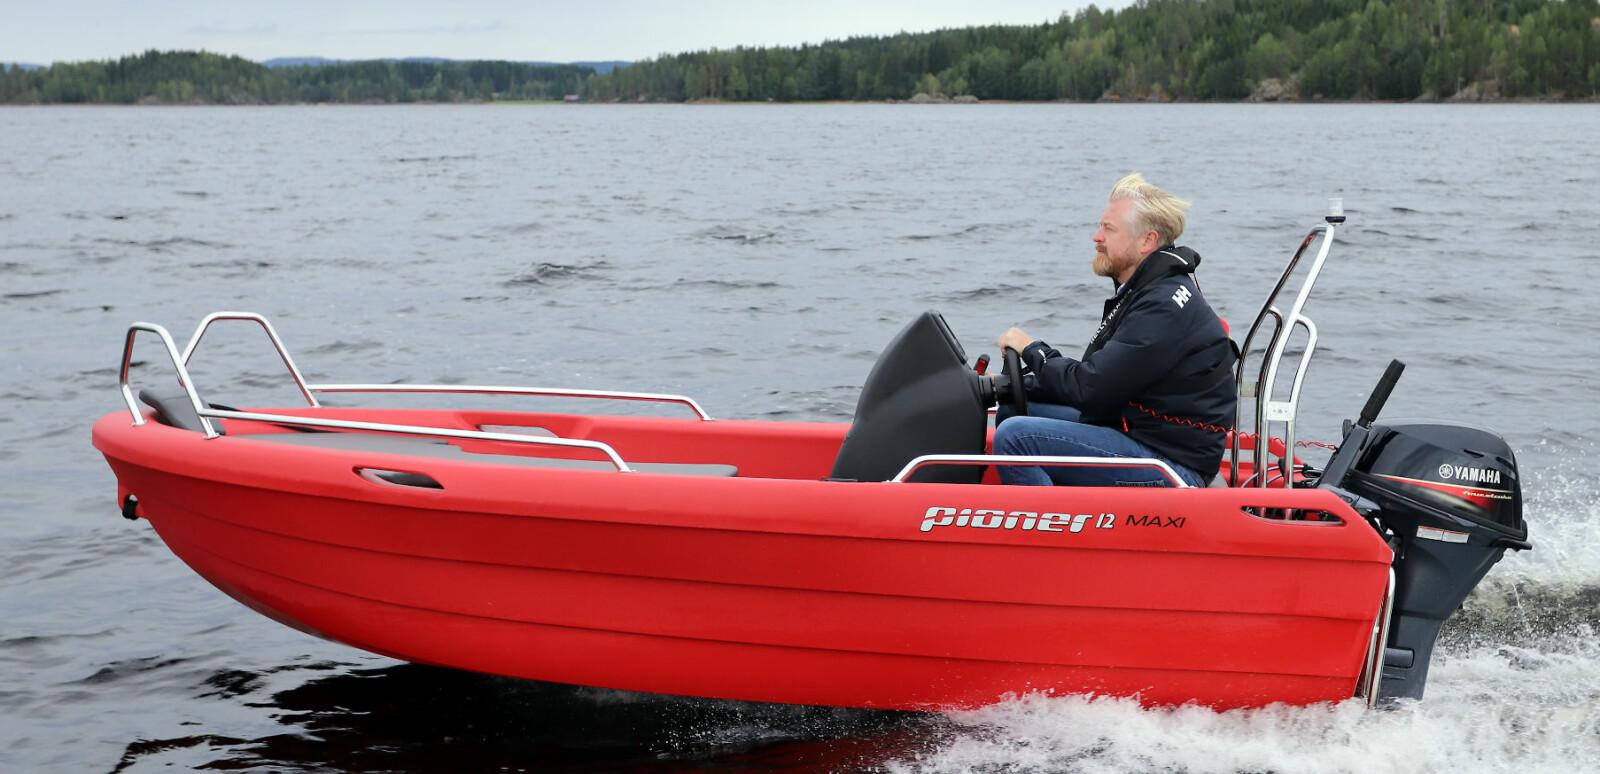 STØDIG: Pioner 12 Maxi er en lettkjørt og trygg småbåt. Konsollen har til og med plass til en liten kartplotter.